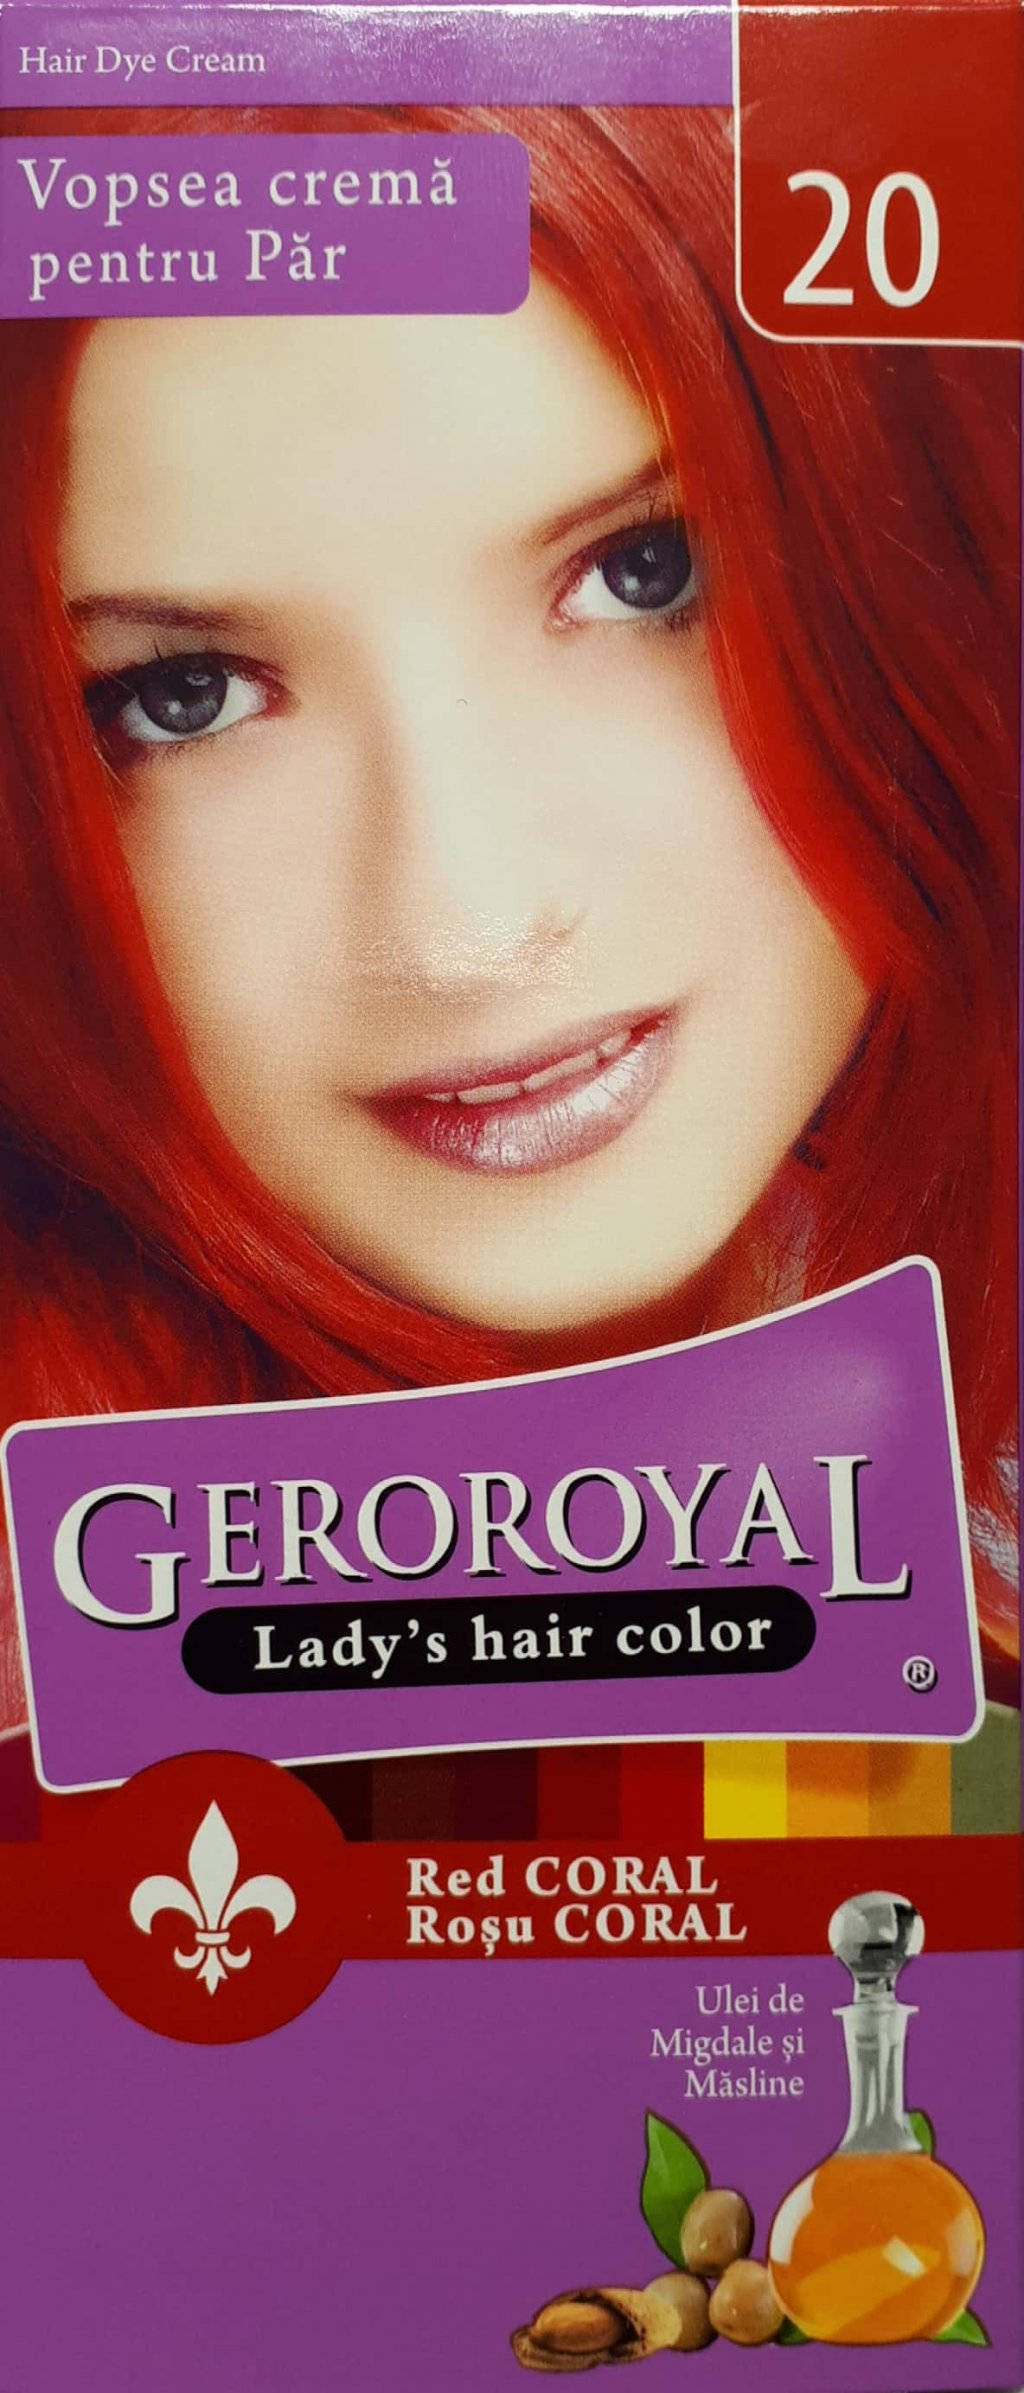 Vopsea crema de par Geroroyal Rosu Coral 20